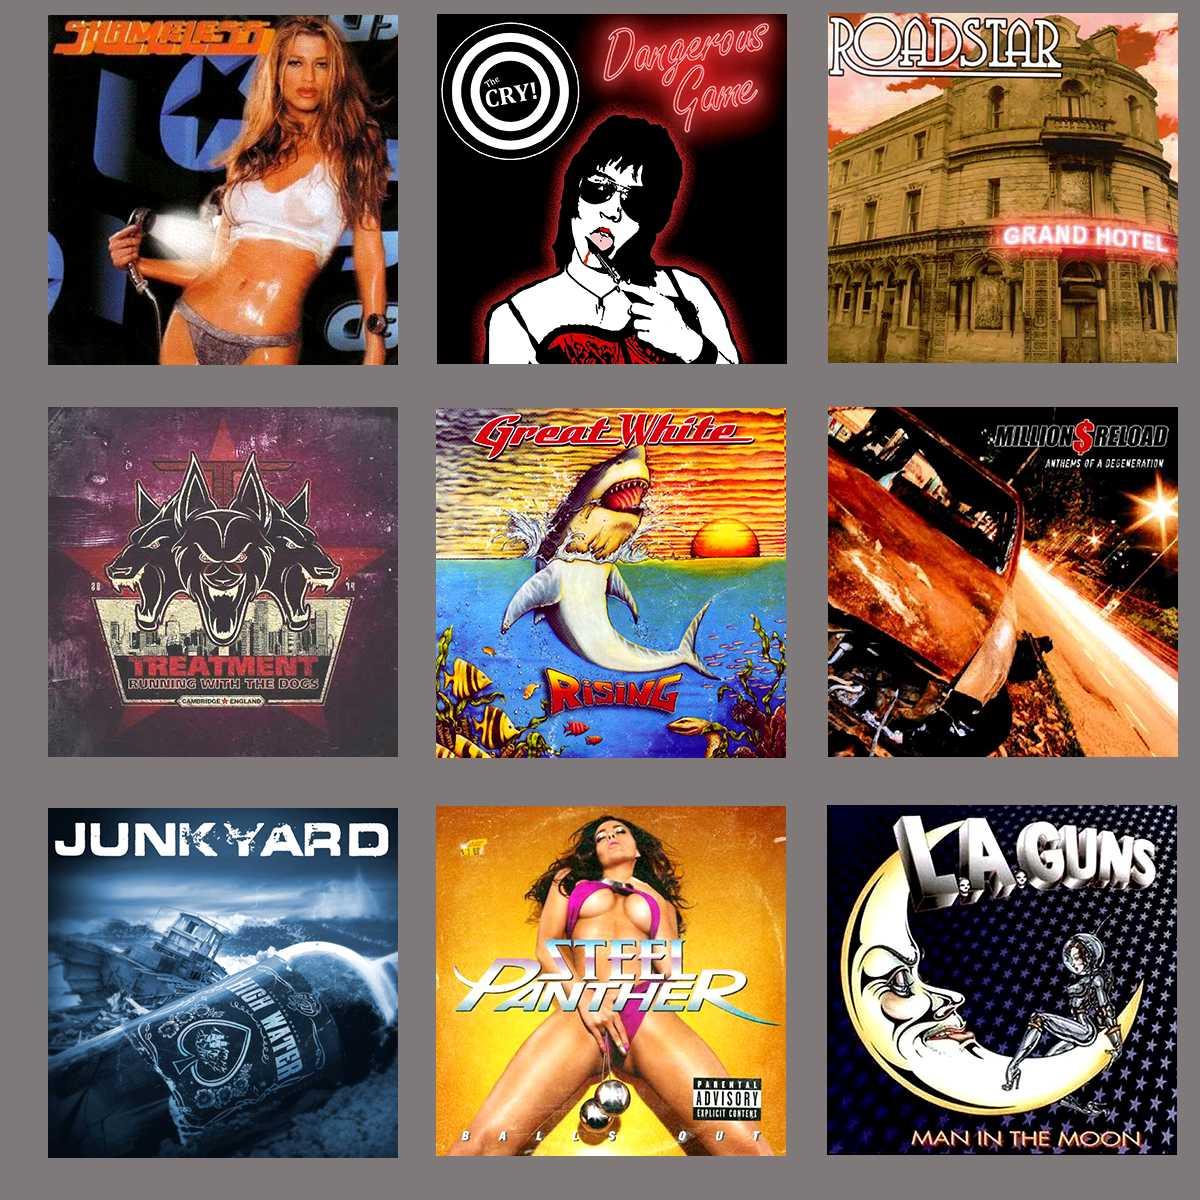 10 discos de Hard, Glam y Sleaze del siglo 21 - Página 2 Menciones